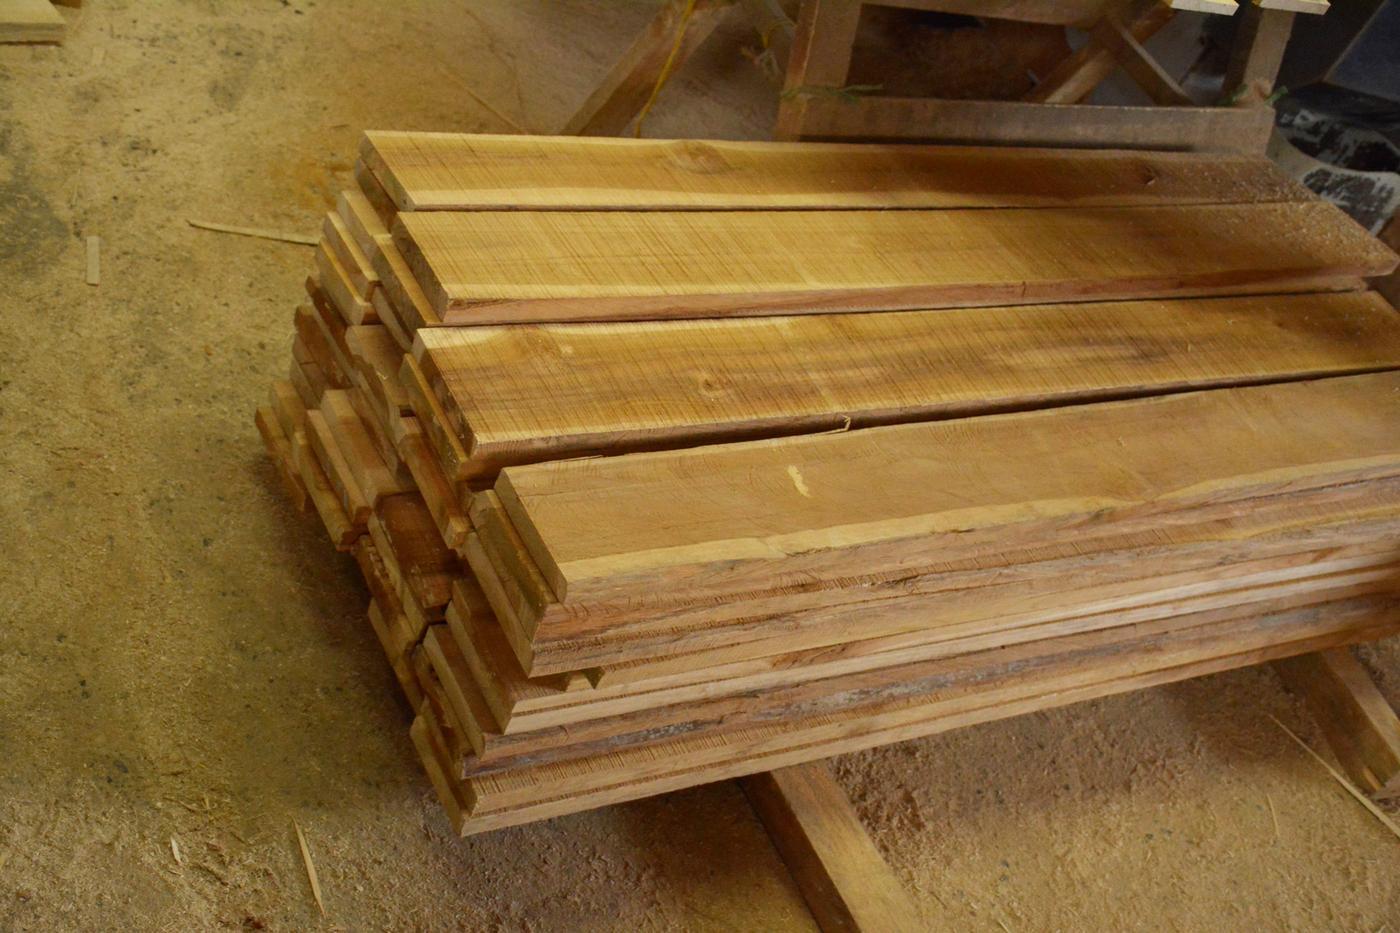 Maderas san jos venta de madera en bogot diagonal 79 - Tablas de madera precio ...